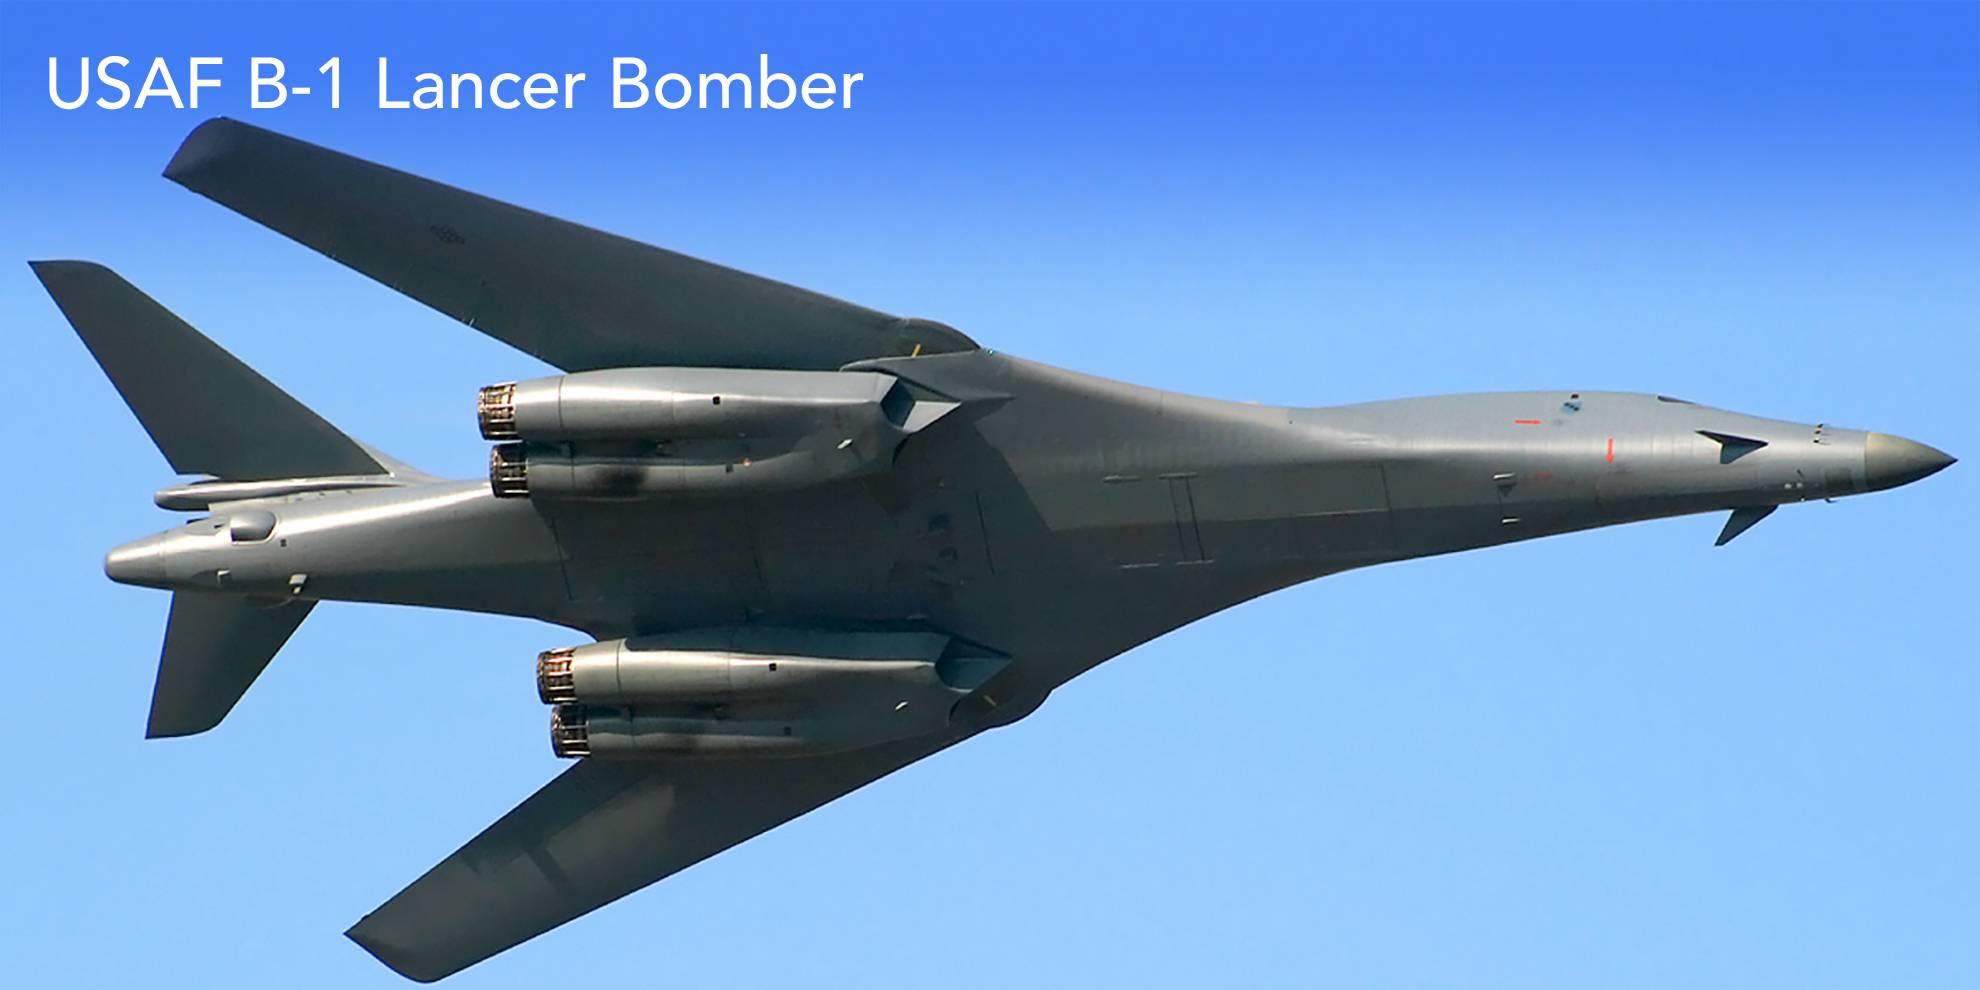 USAF B-1 Lancer Bomber